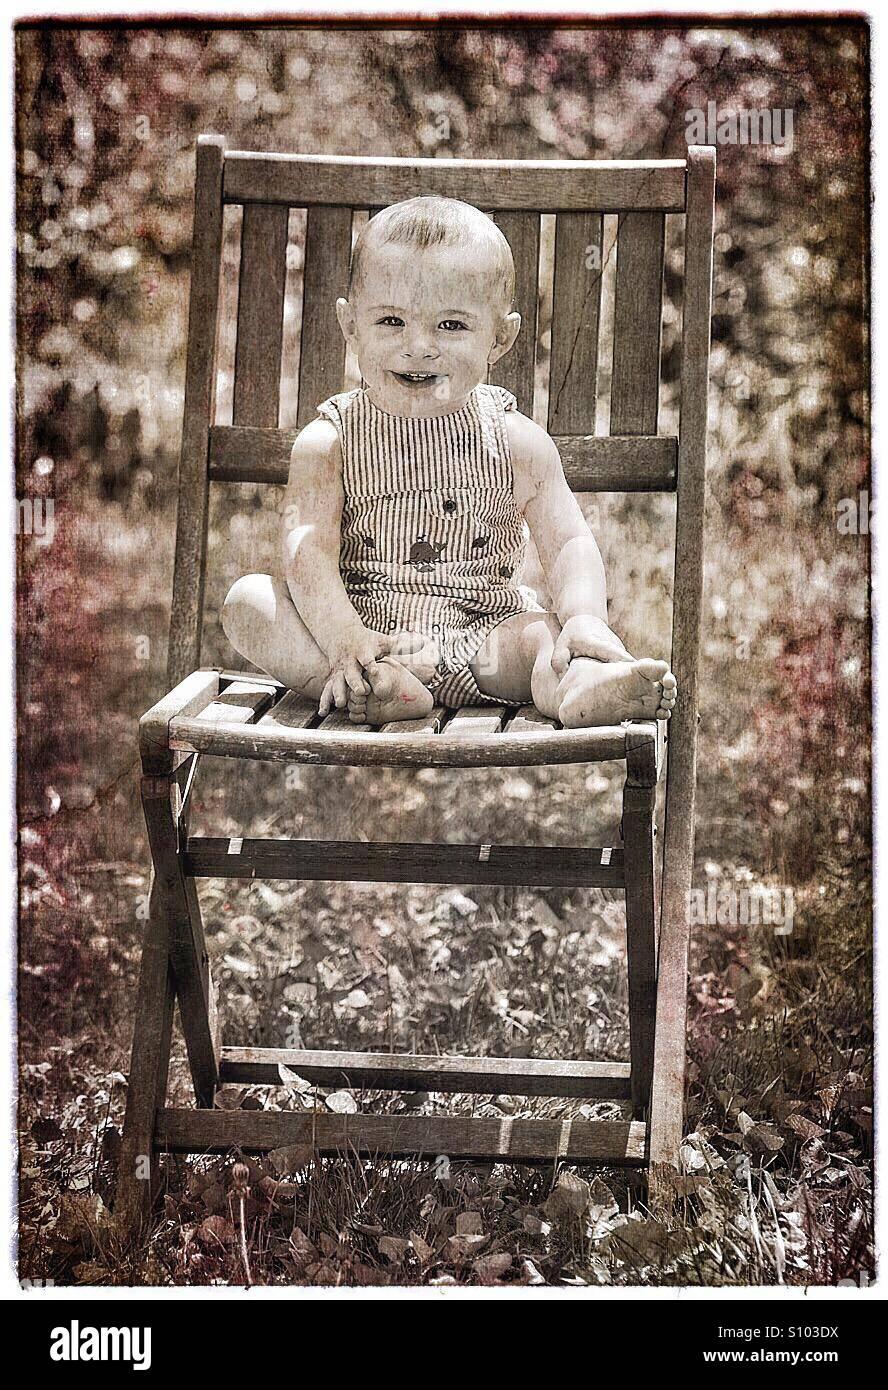 Bambino con un grande sorriso seduti su una sedia al di fuori. Immagini Stock